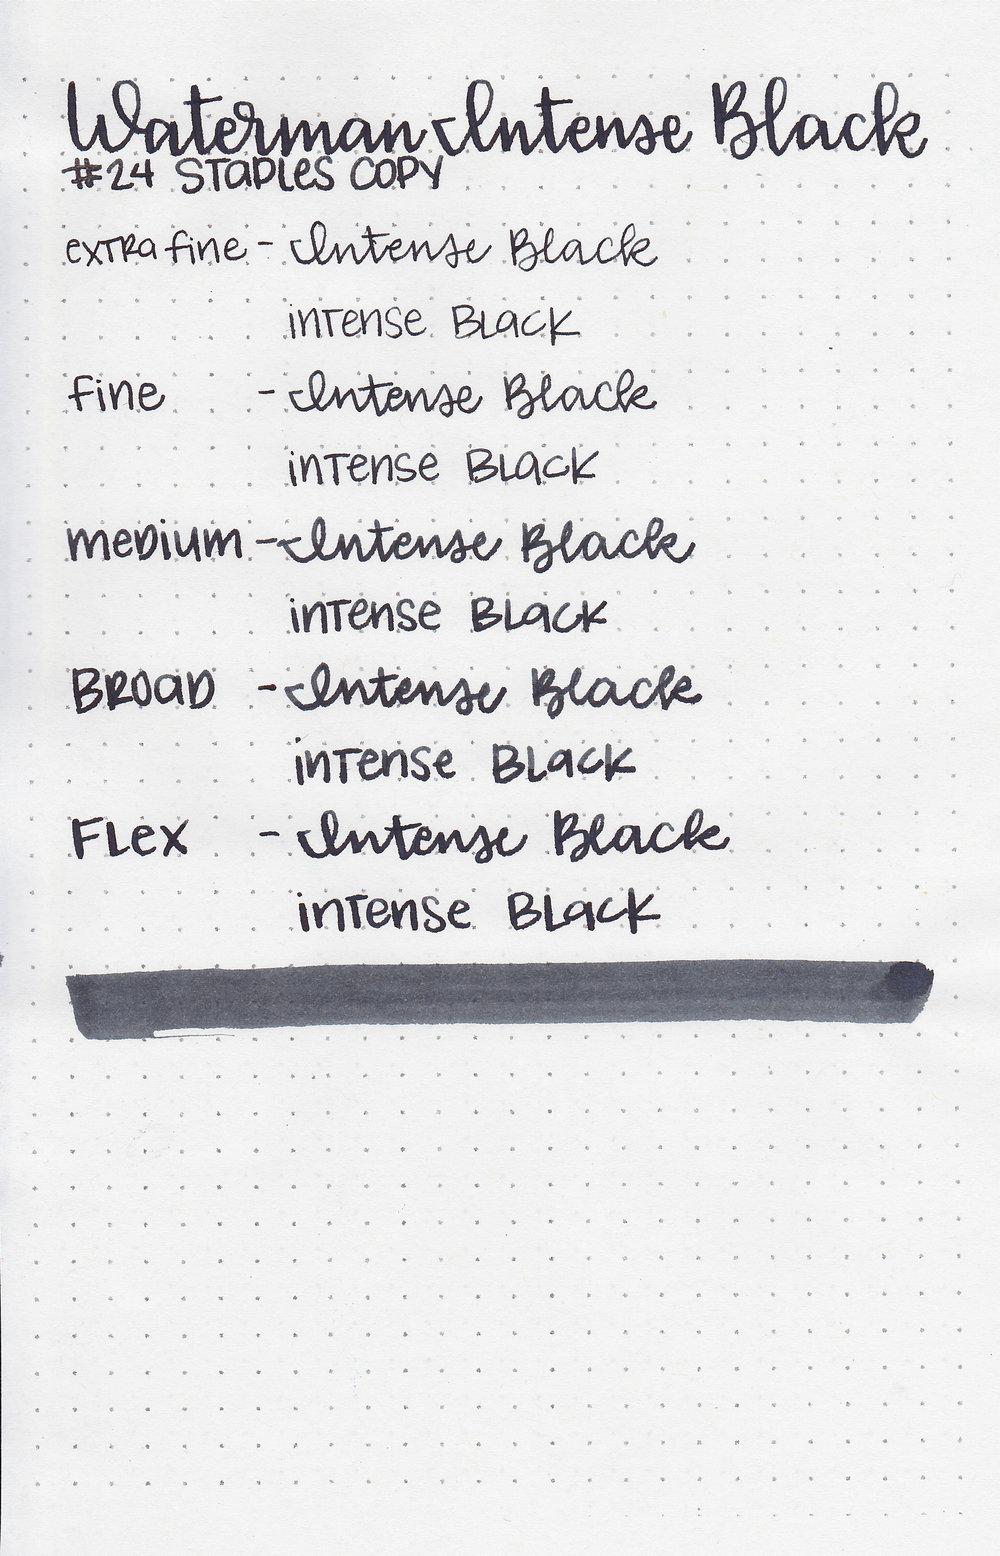 wtr-intense-black-12.jpg